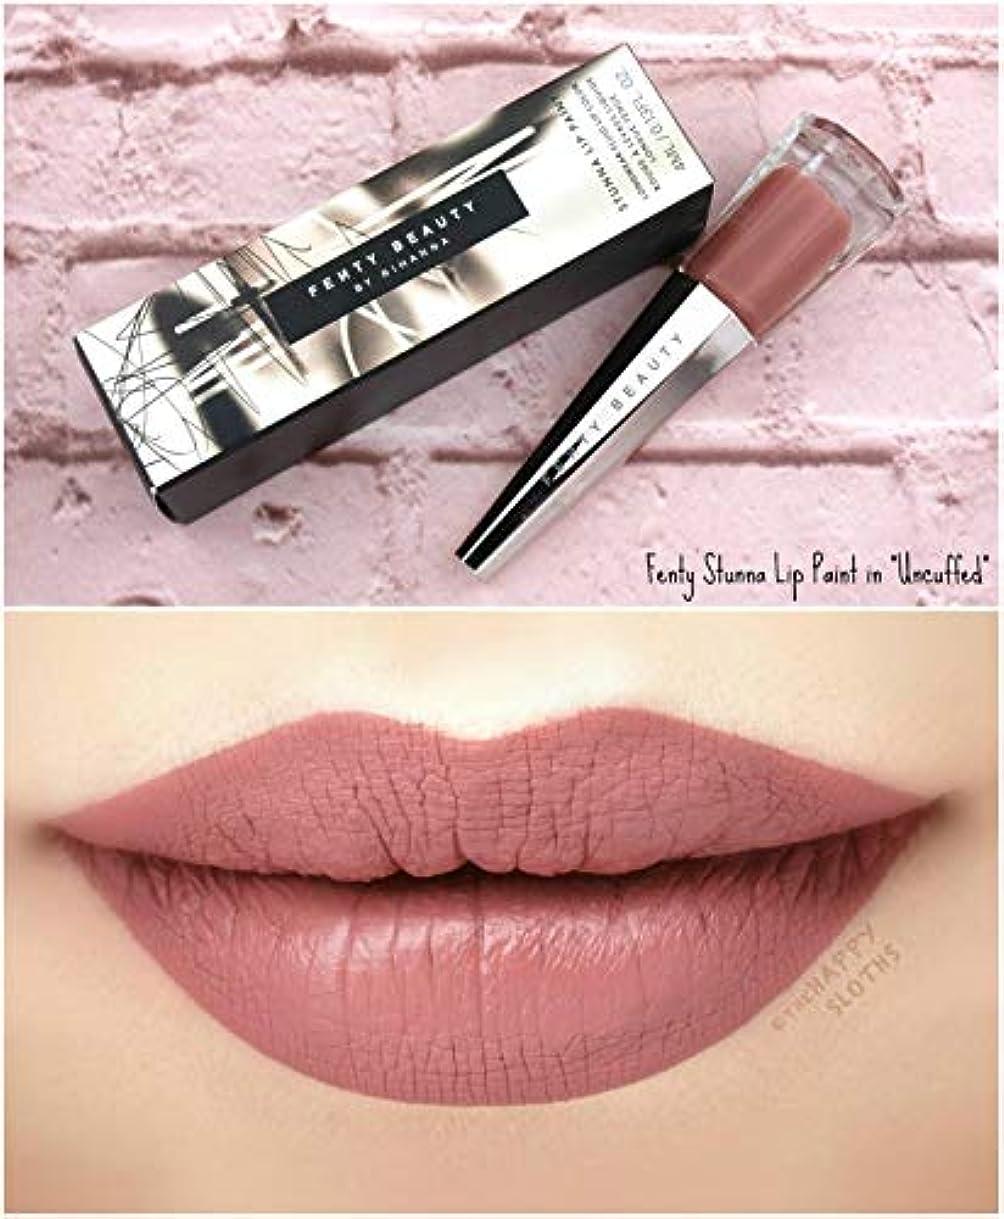 ホステスエンゲージメント理論FENTY BEAUTY BY RIHANNA Stunna Lip Paint Longwear Fluid Lip Color リップ リアーナ フェンティビューティ (Uncuffed - rosy mauve)